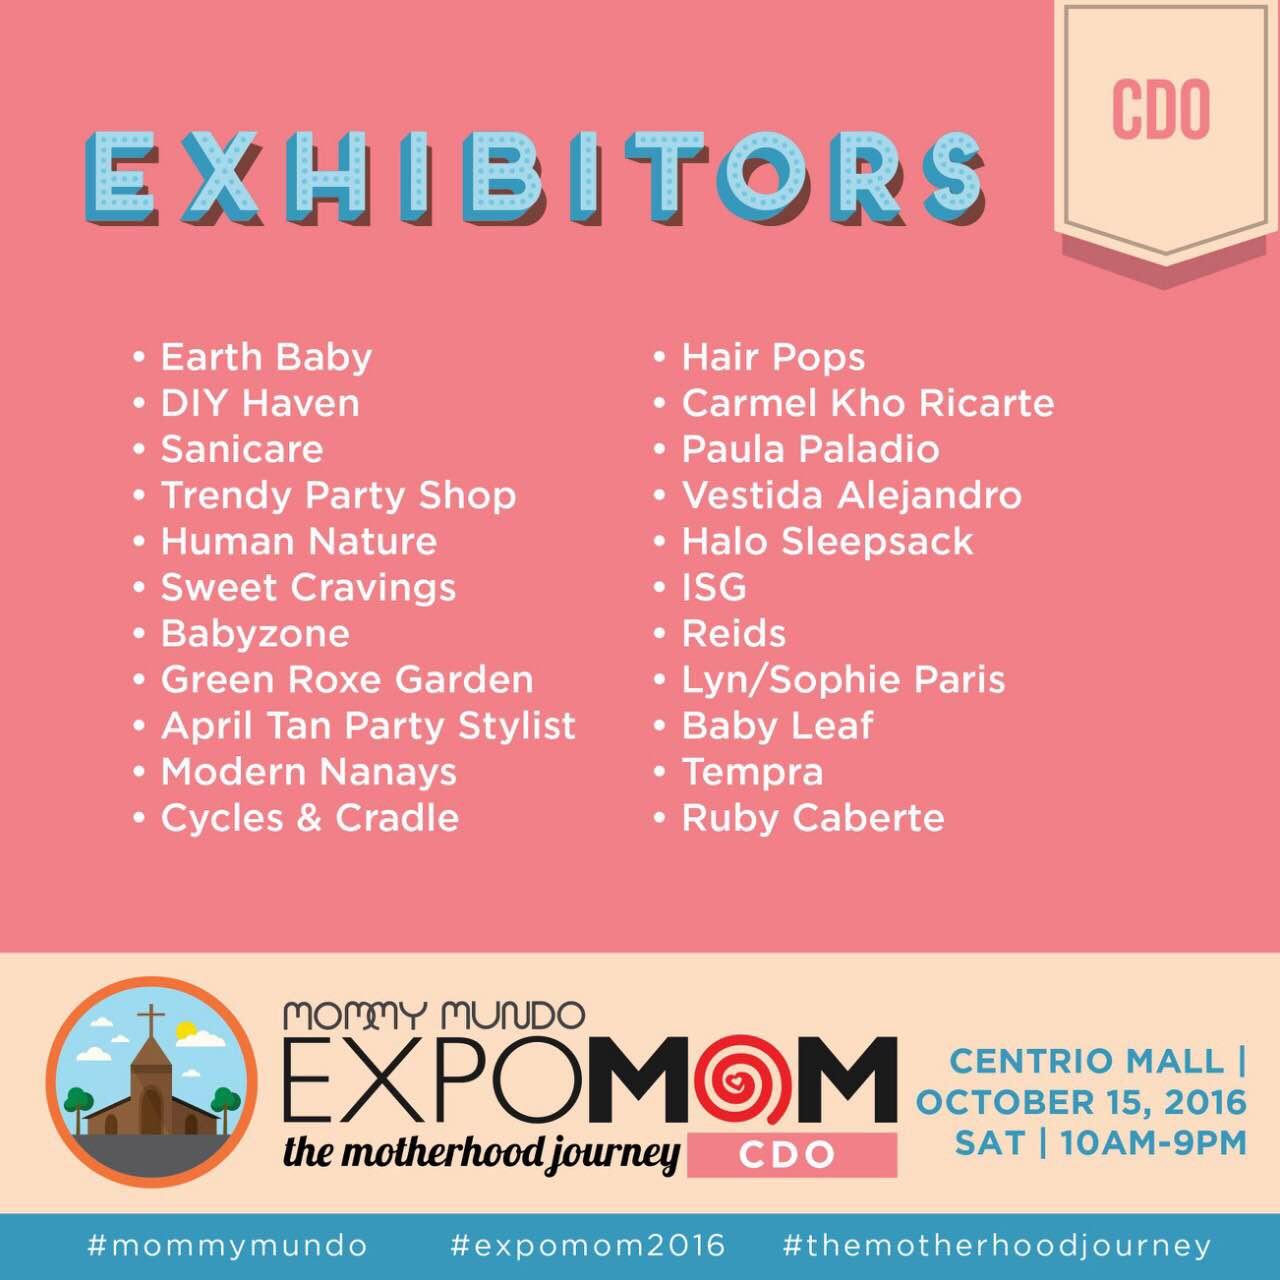 expo-mom-exhibitors